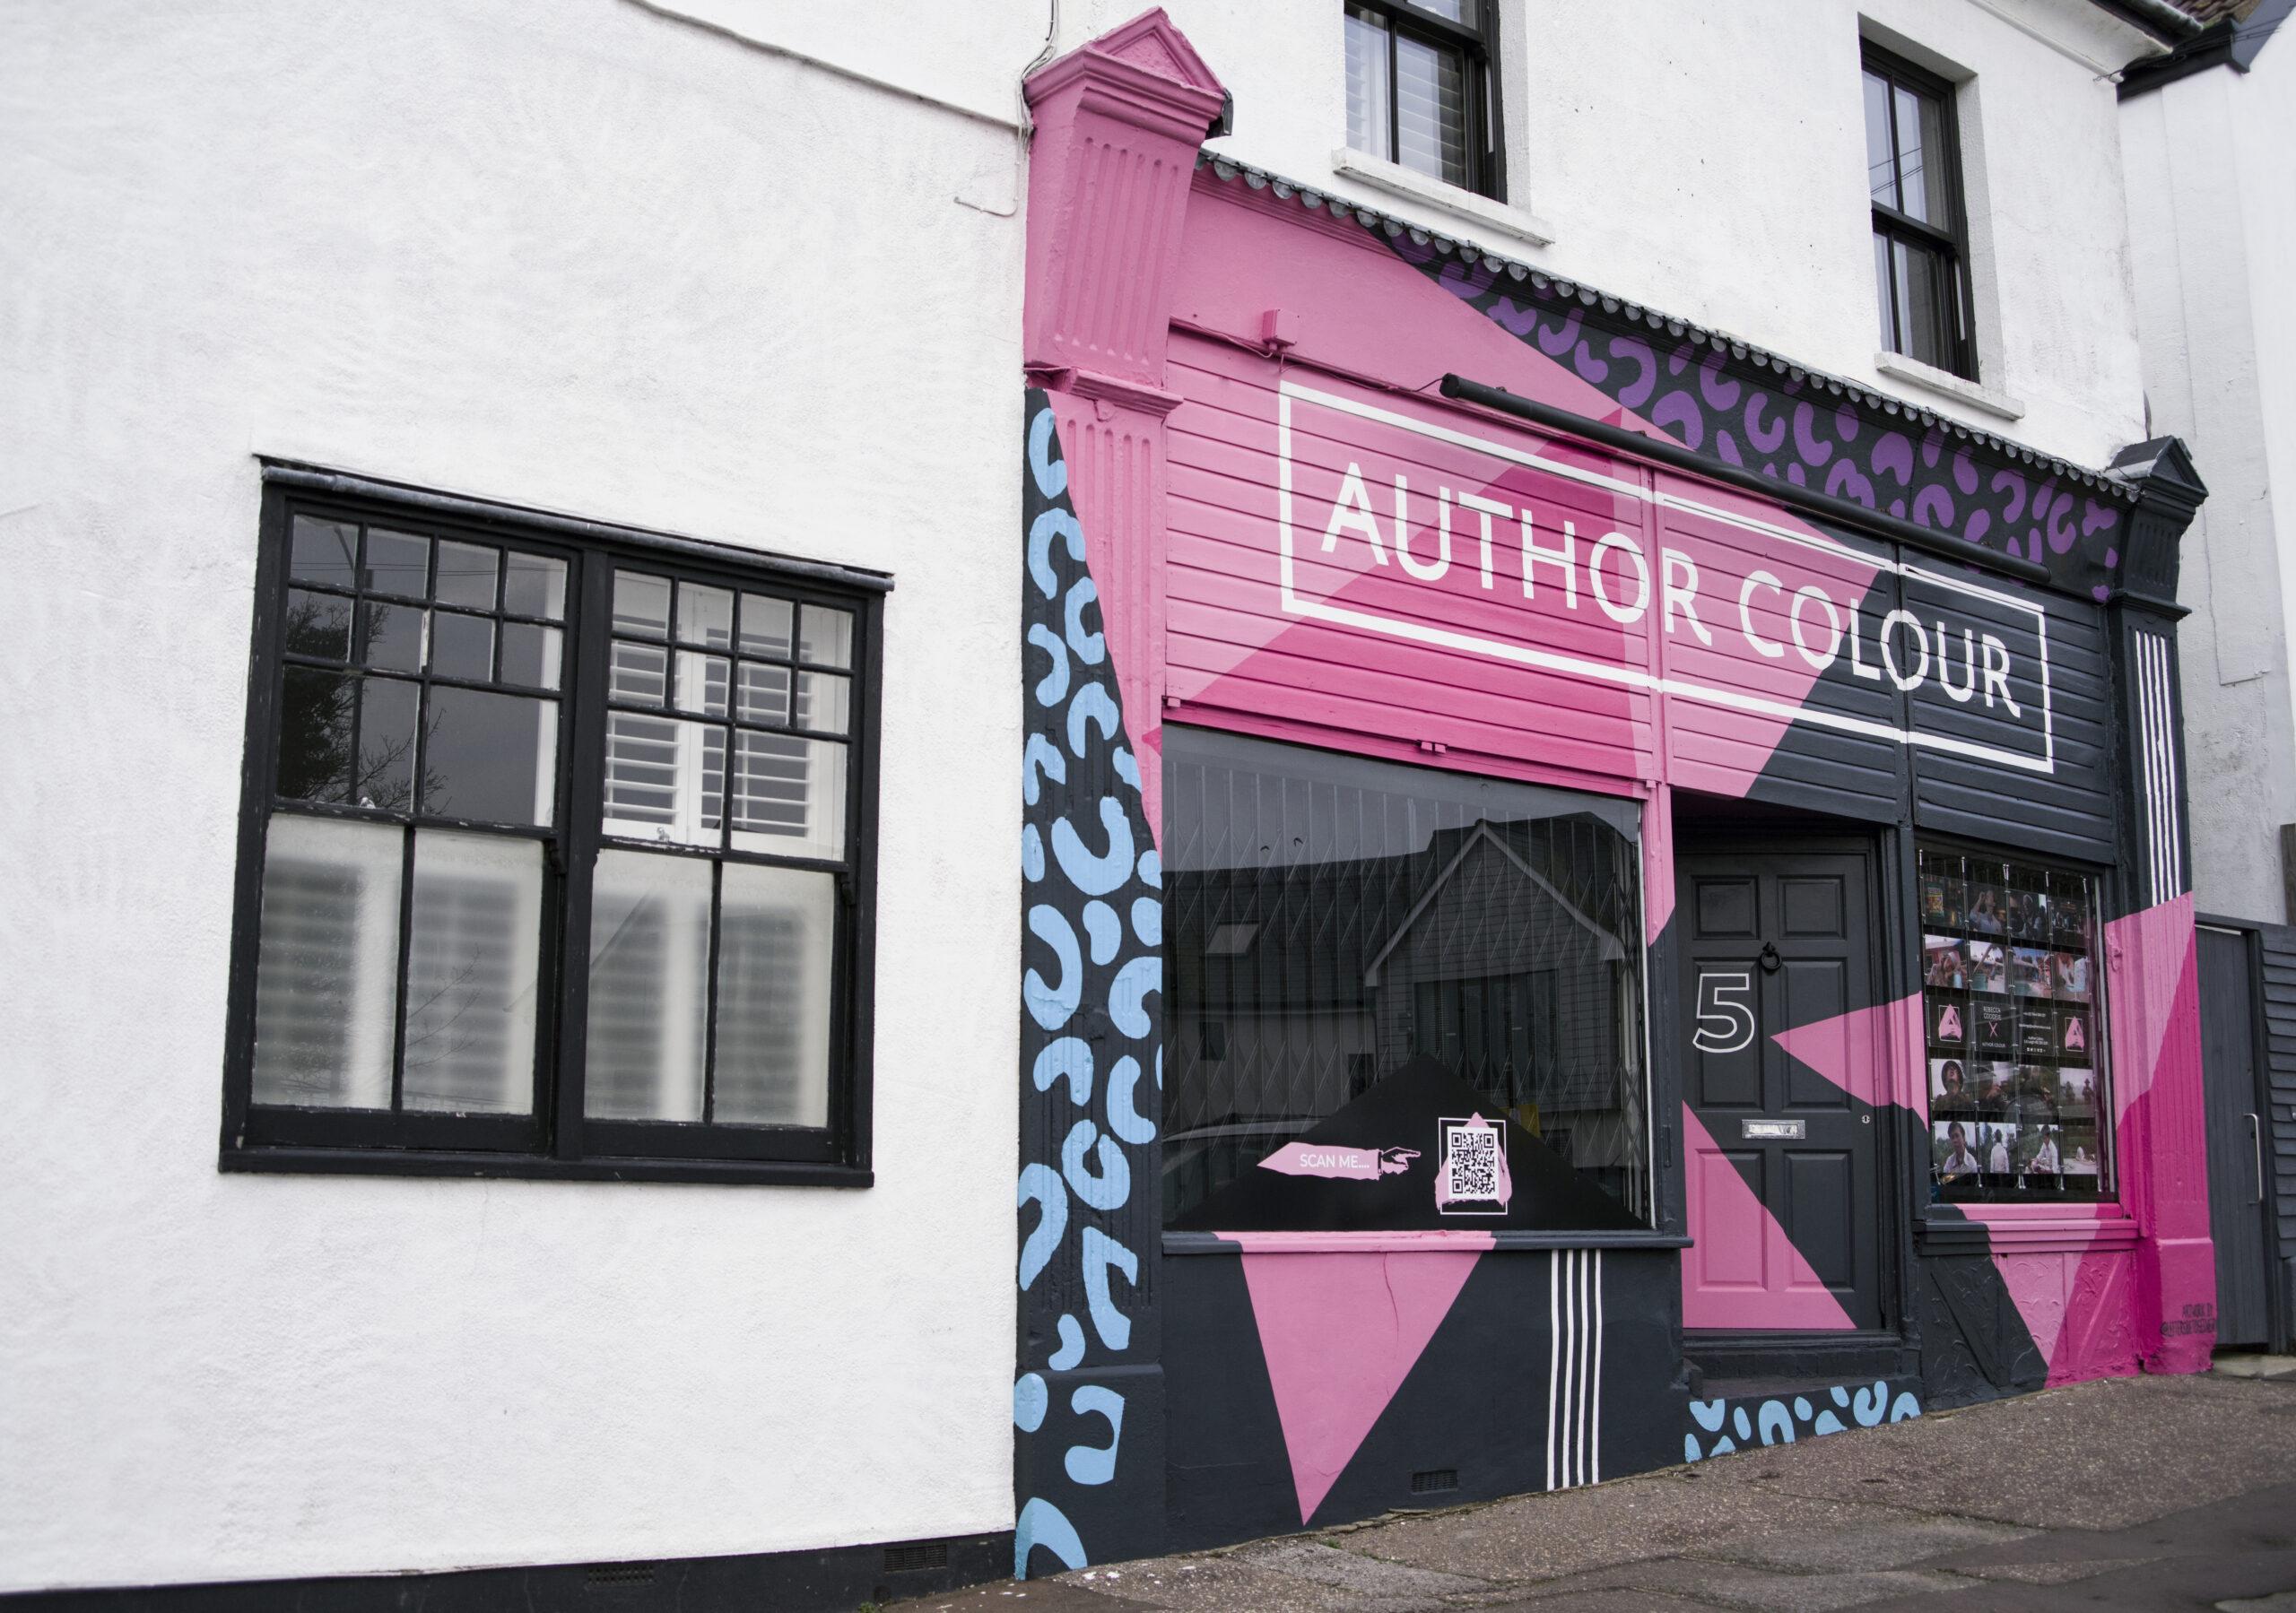 Boutique Colour Grading House Author Colour